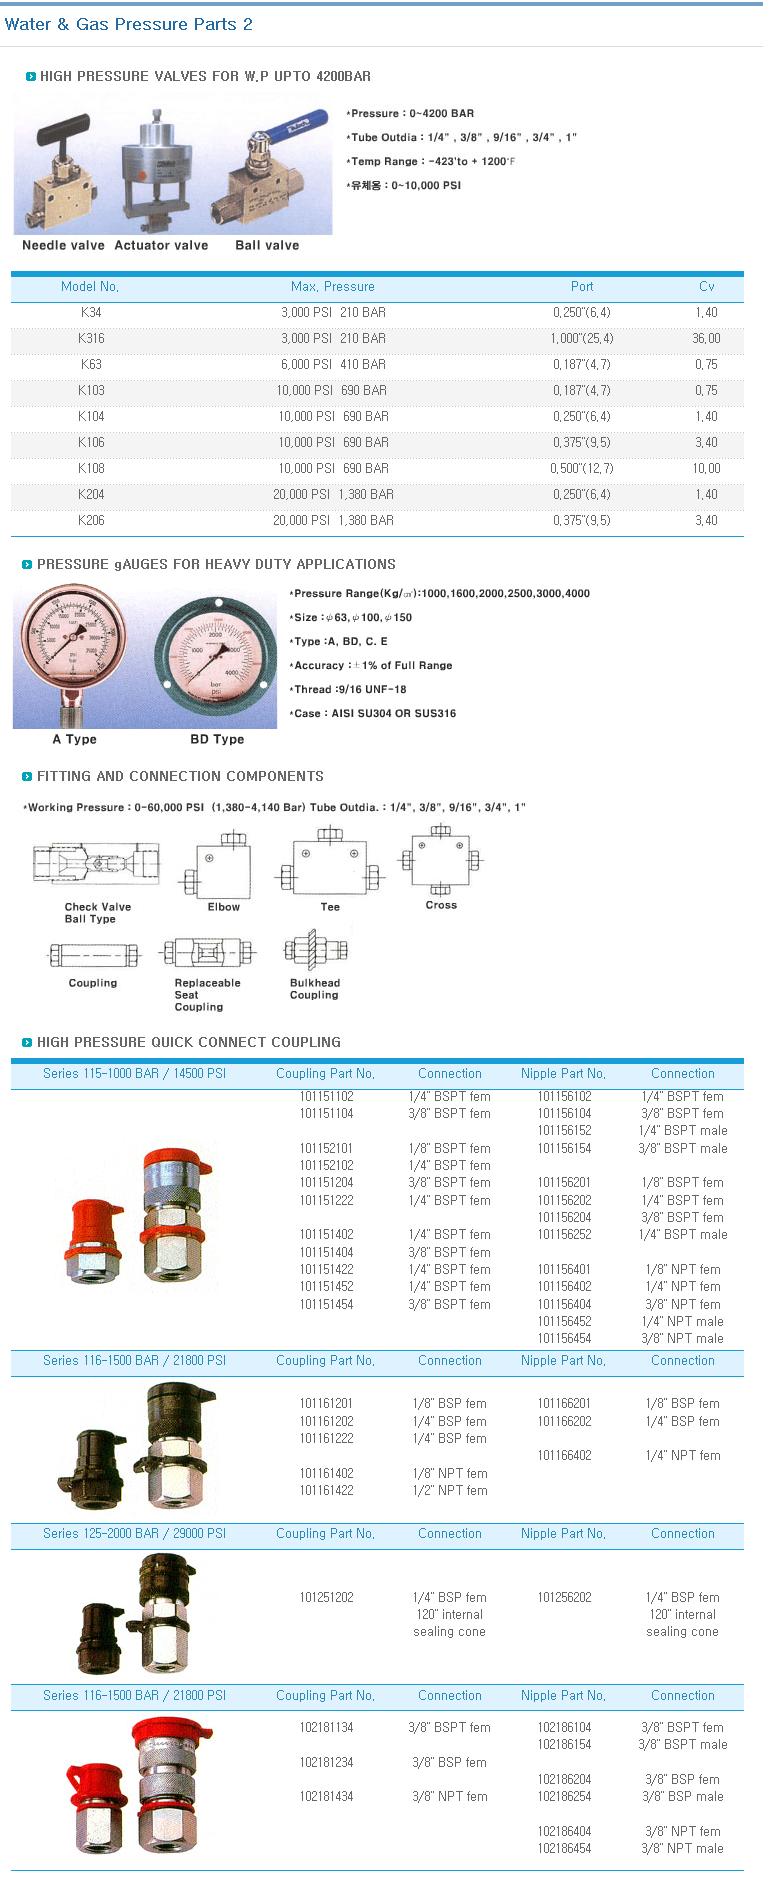 KOREA HYDMAG Water & Gas Pressure Parts  1